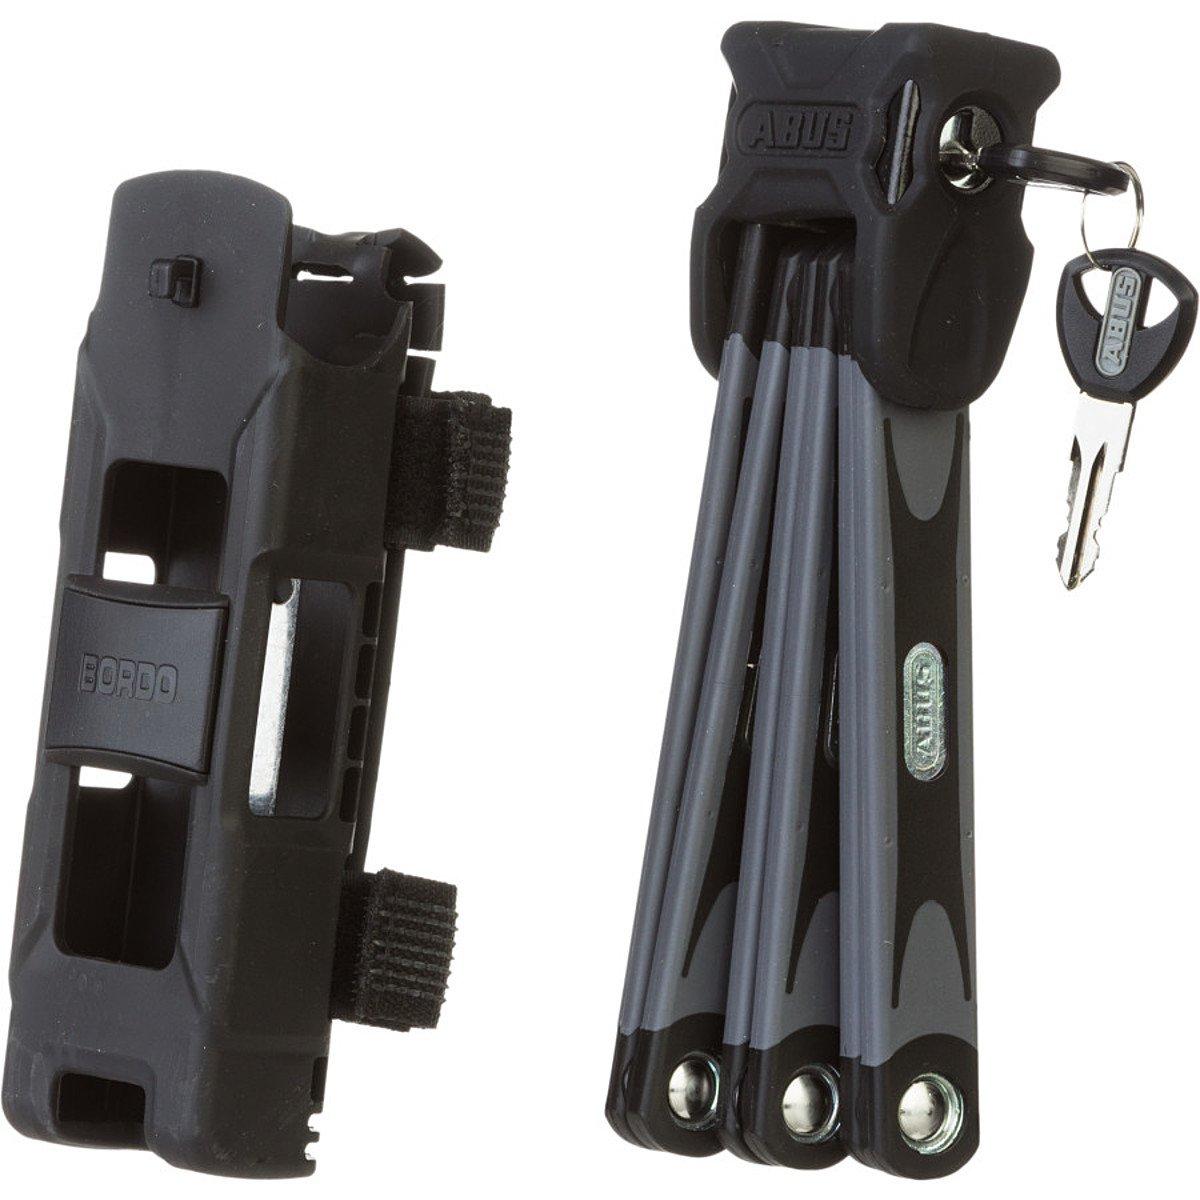 ABUS Bordo 6000/90 Folding Lock